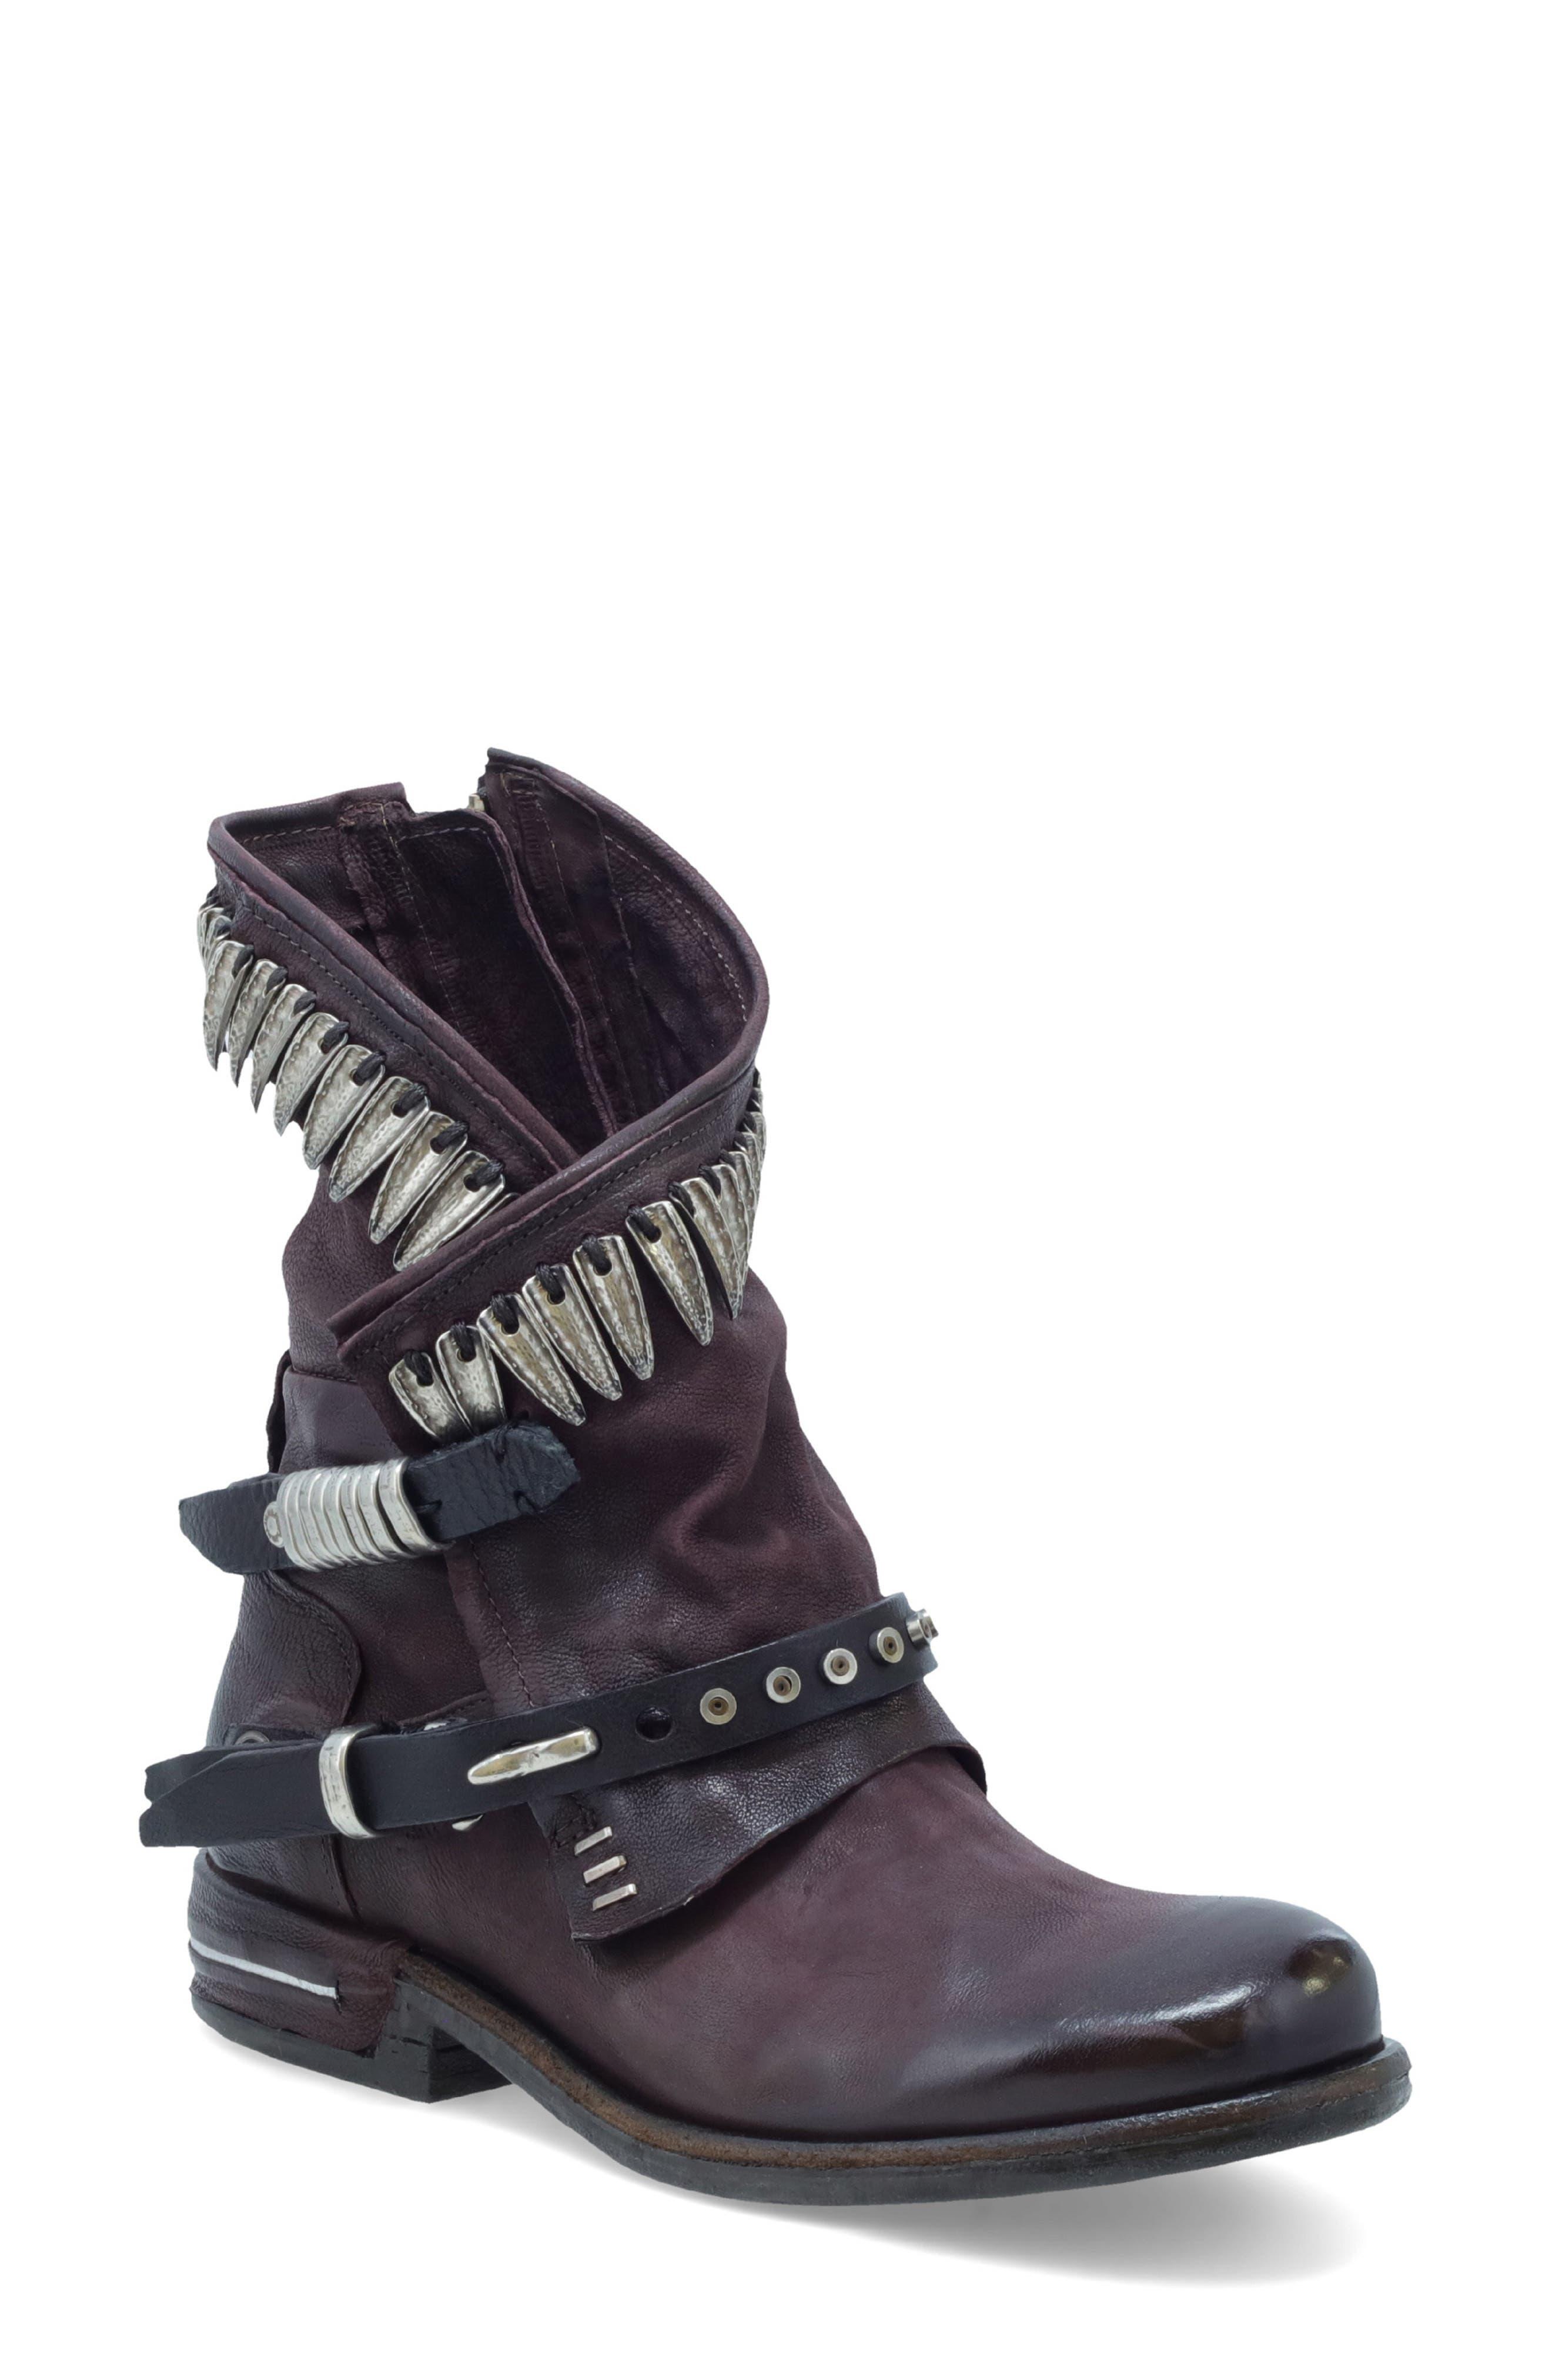 Women's A.s.98 Torey Boot